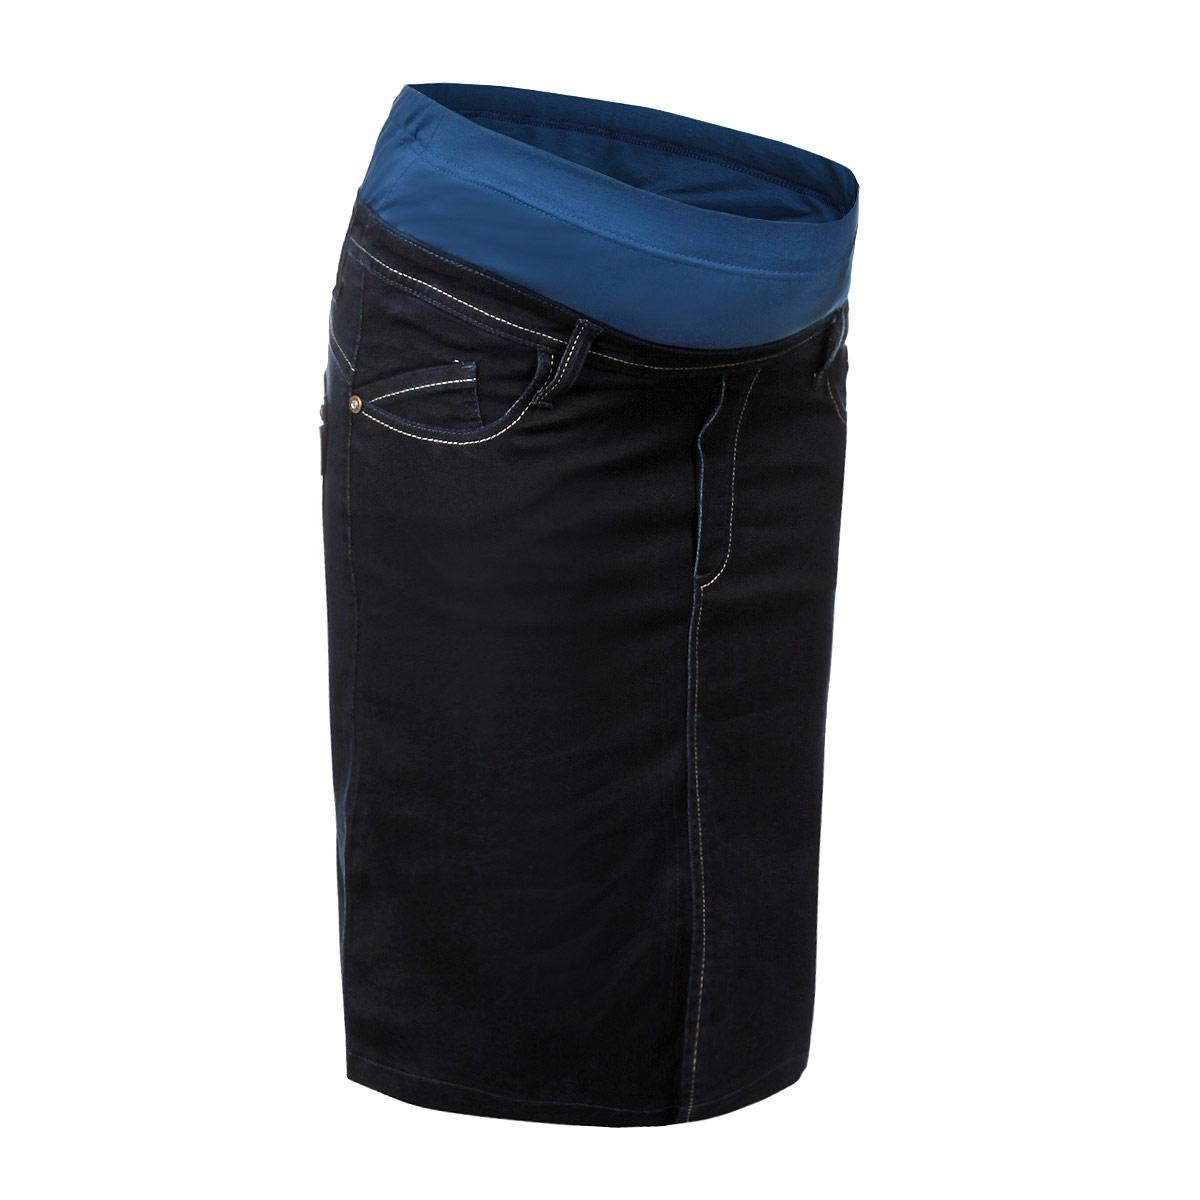 6604.1Очень удобная джинсовая юбка для беременных Nuova Vita с бандажом под живот, изготовленная из эластичного хлопка, придает женщине элегантность и индивидуальность. Юбка прямого силуэта имеет спереди - два втачных кармана и два маленьких накладных кармашка, а сзади - два накладных кармана. Сзади юбки небольшая шлица. Имеются шлевки для ремня и имитация ширинки. Бандаж из стрейч-ткани поддерживает живот и уменьшает нагрузку на поясницу, с внутренней стороны регулируется эластичной резинкой на пуговице. Идеальная посадка, длинна до колен, прекрасный выбор для стильных женщин в качестве повседневной одежды. Создавайте ваш неповторимый образ, комбинируя юбку с блузами и туниками!